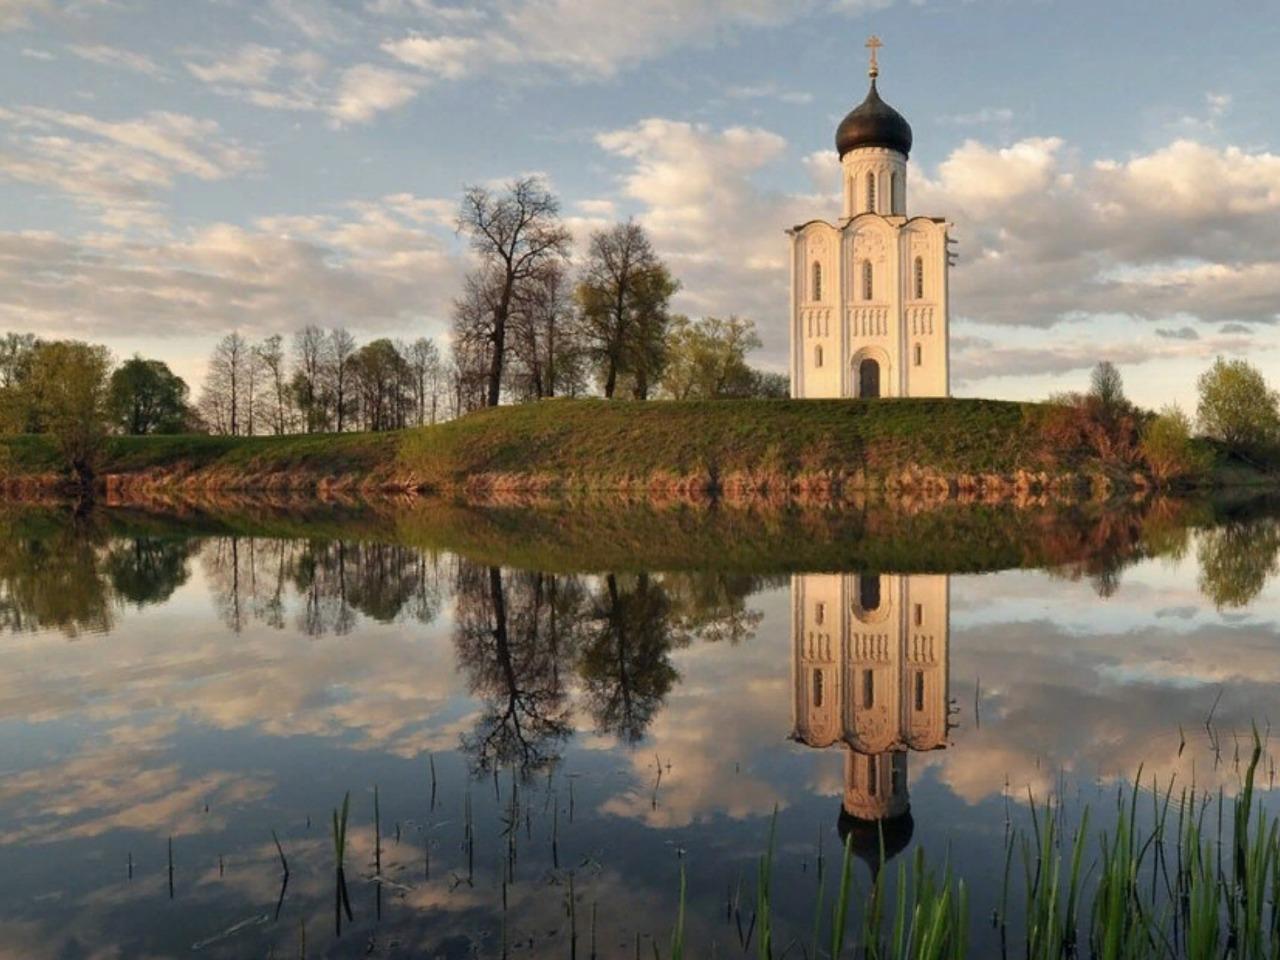 Боголюбово - белокаменная песнь Владимирской земли - индивидуальная экскурсия во Владимире от опытного гида